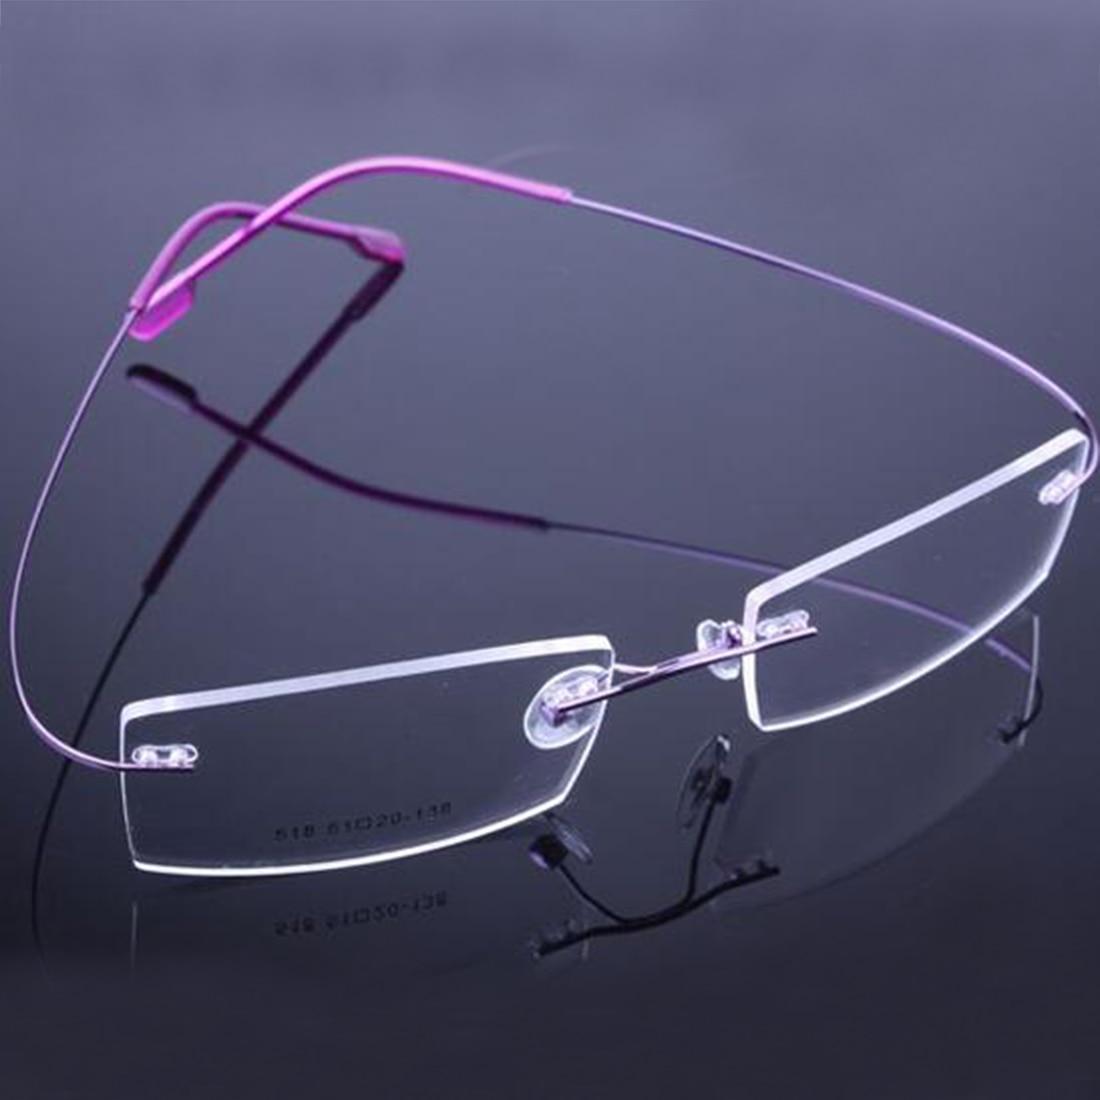 أعلى بيع التجزئة 9 ألوان خفيفة بدون شفة نظارات إطارات الذاكرة التيتانيوم النظارات النظارات الطبية إطارات البصرية